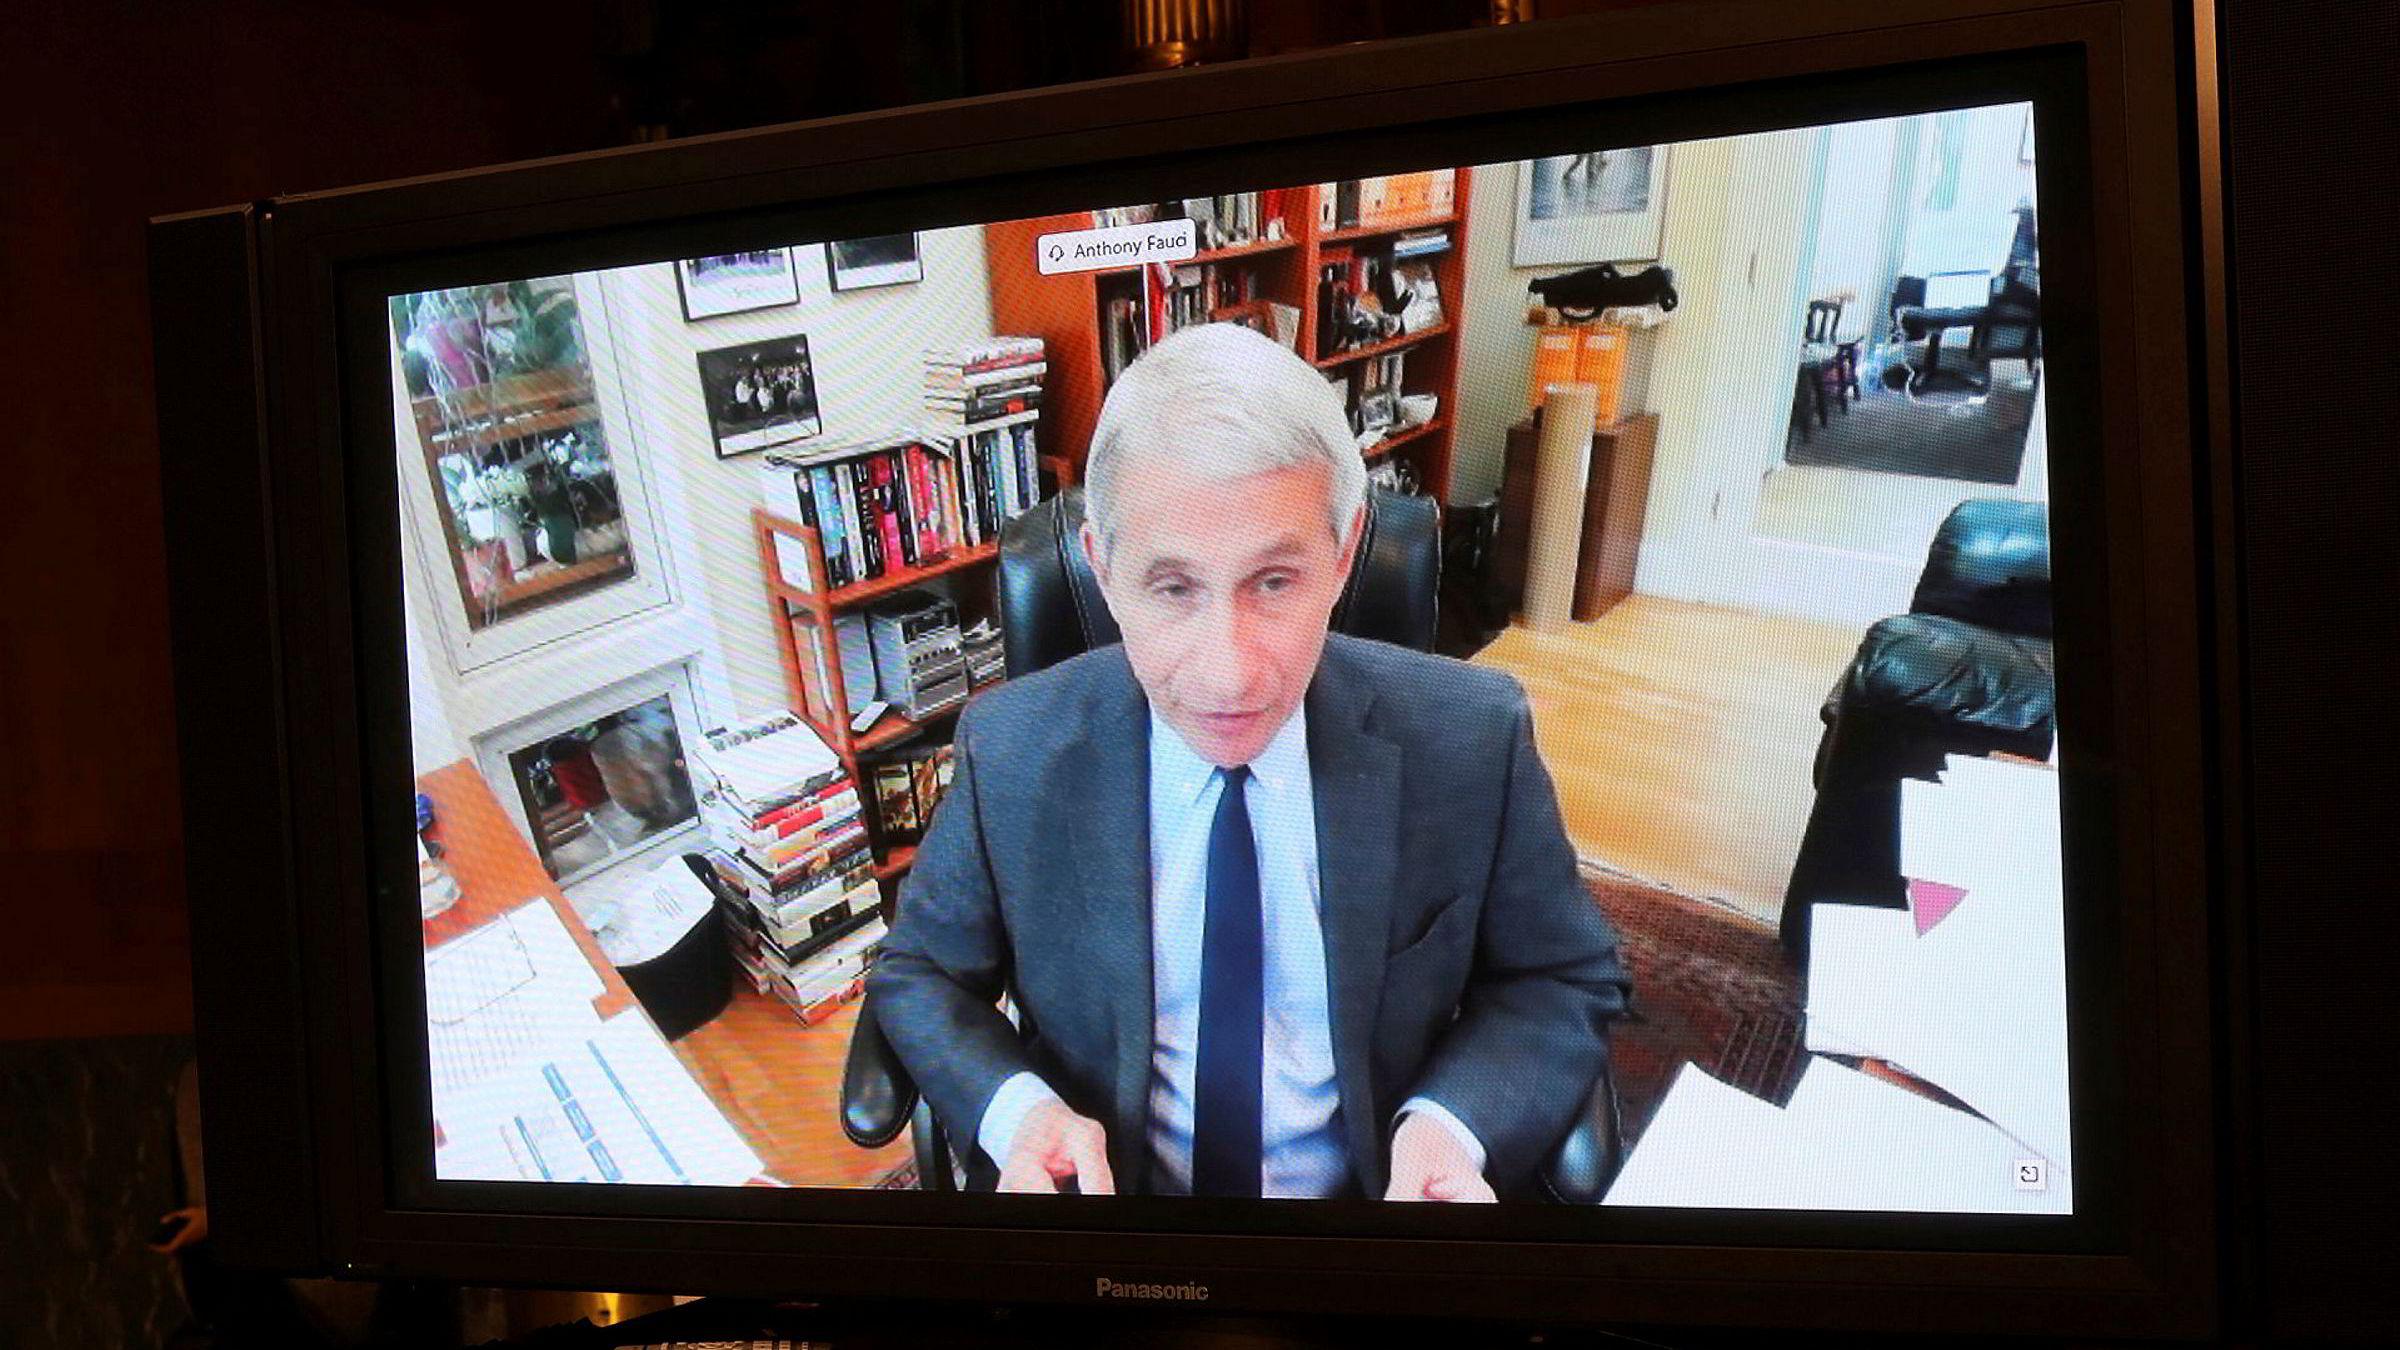 Anthony Fauci forklarte seg for Senatets helsekomité tirsdag via videolink, men skal nå ut av karantenen og tilbake i Det hvite hus, tross tidligere meldinger.